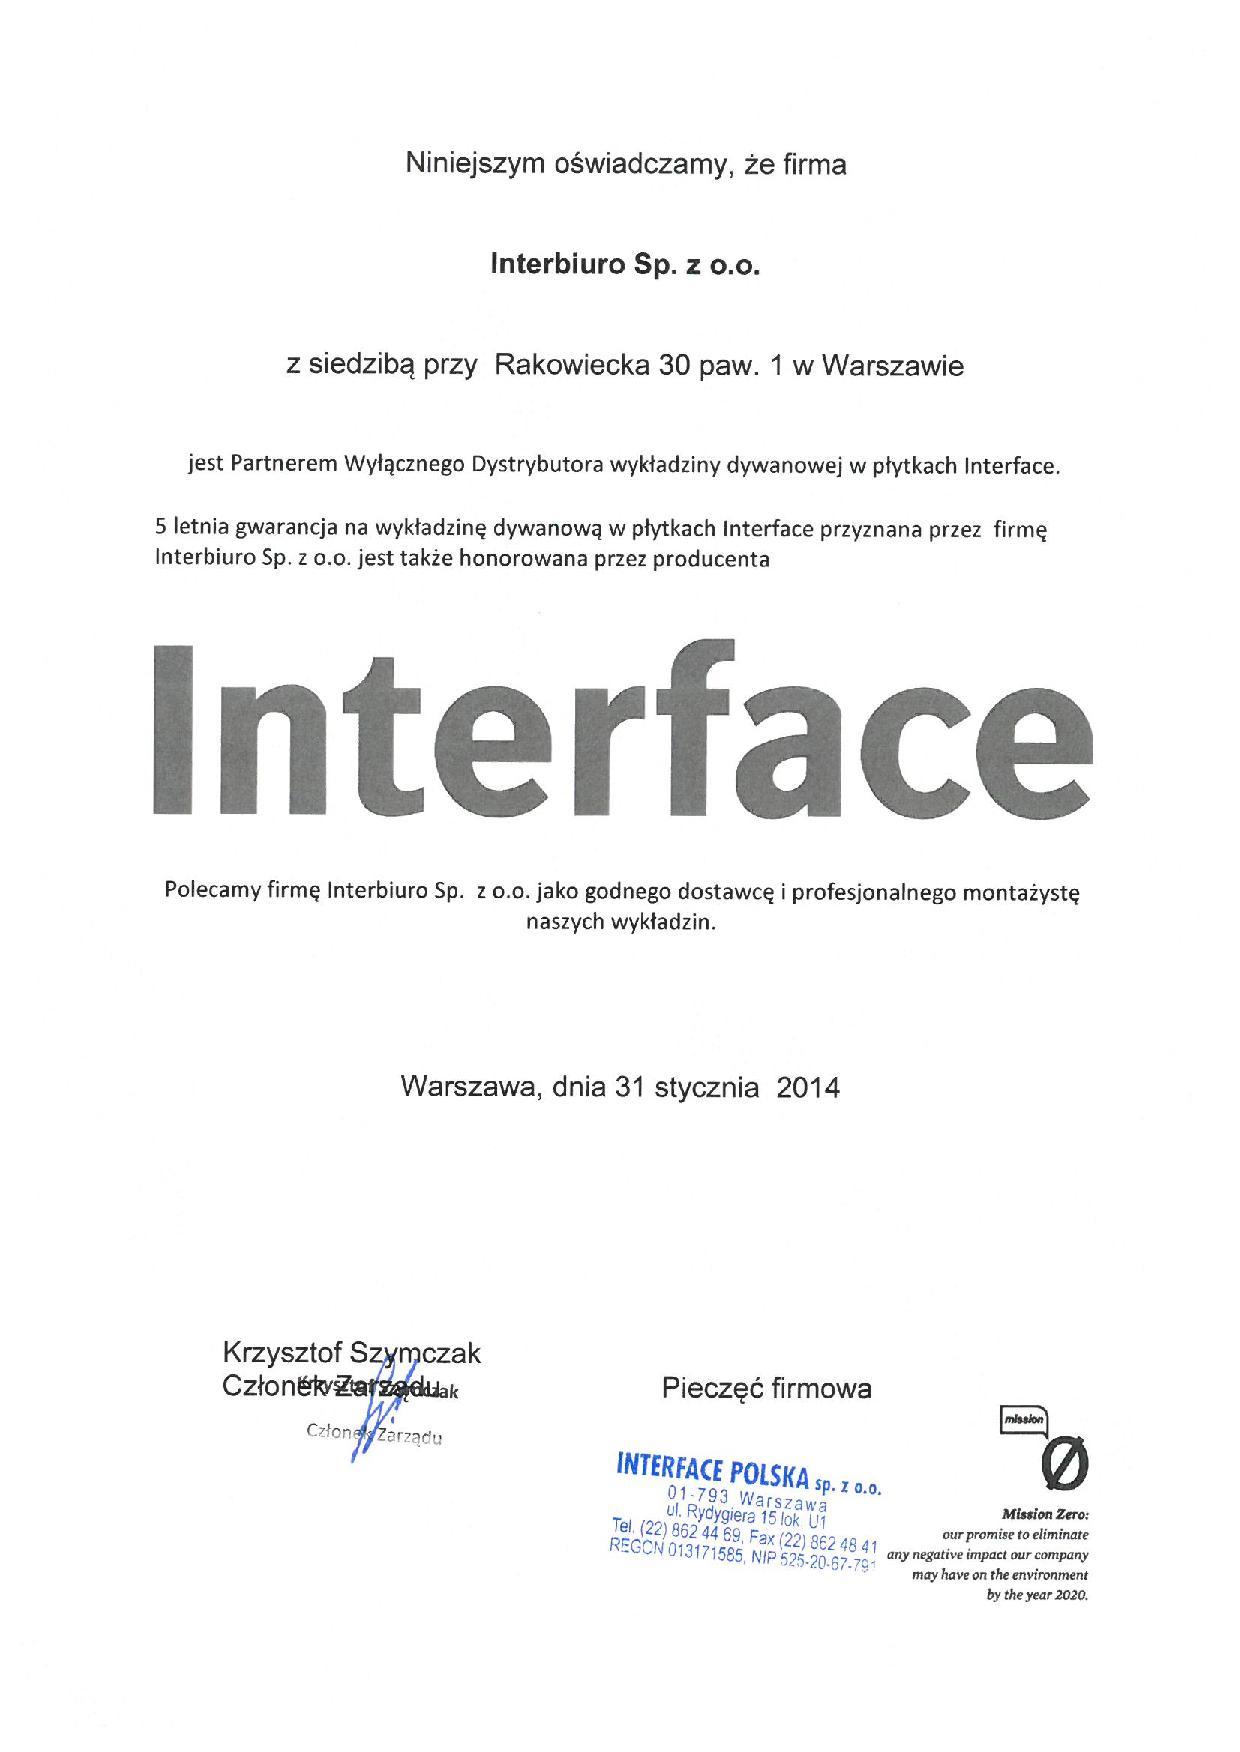 interbiuro-partnerem-dystrybutora-wykladziny-dywanowej-interface